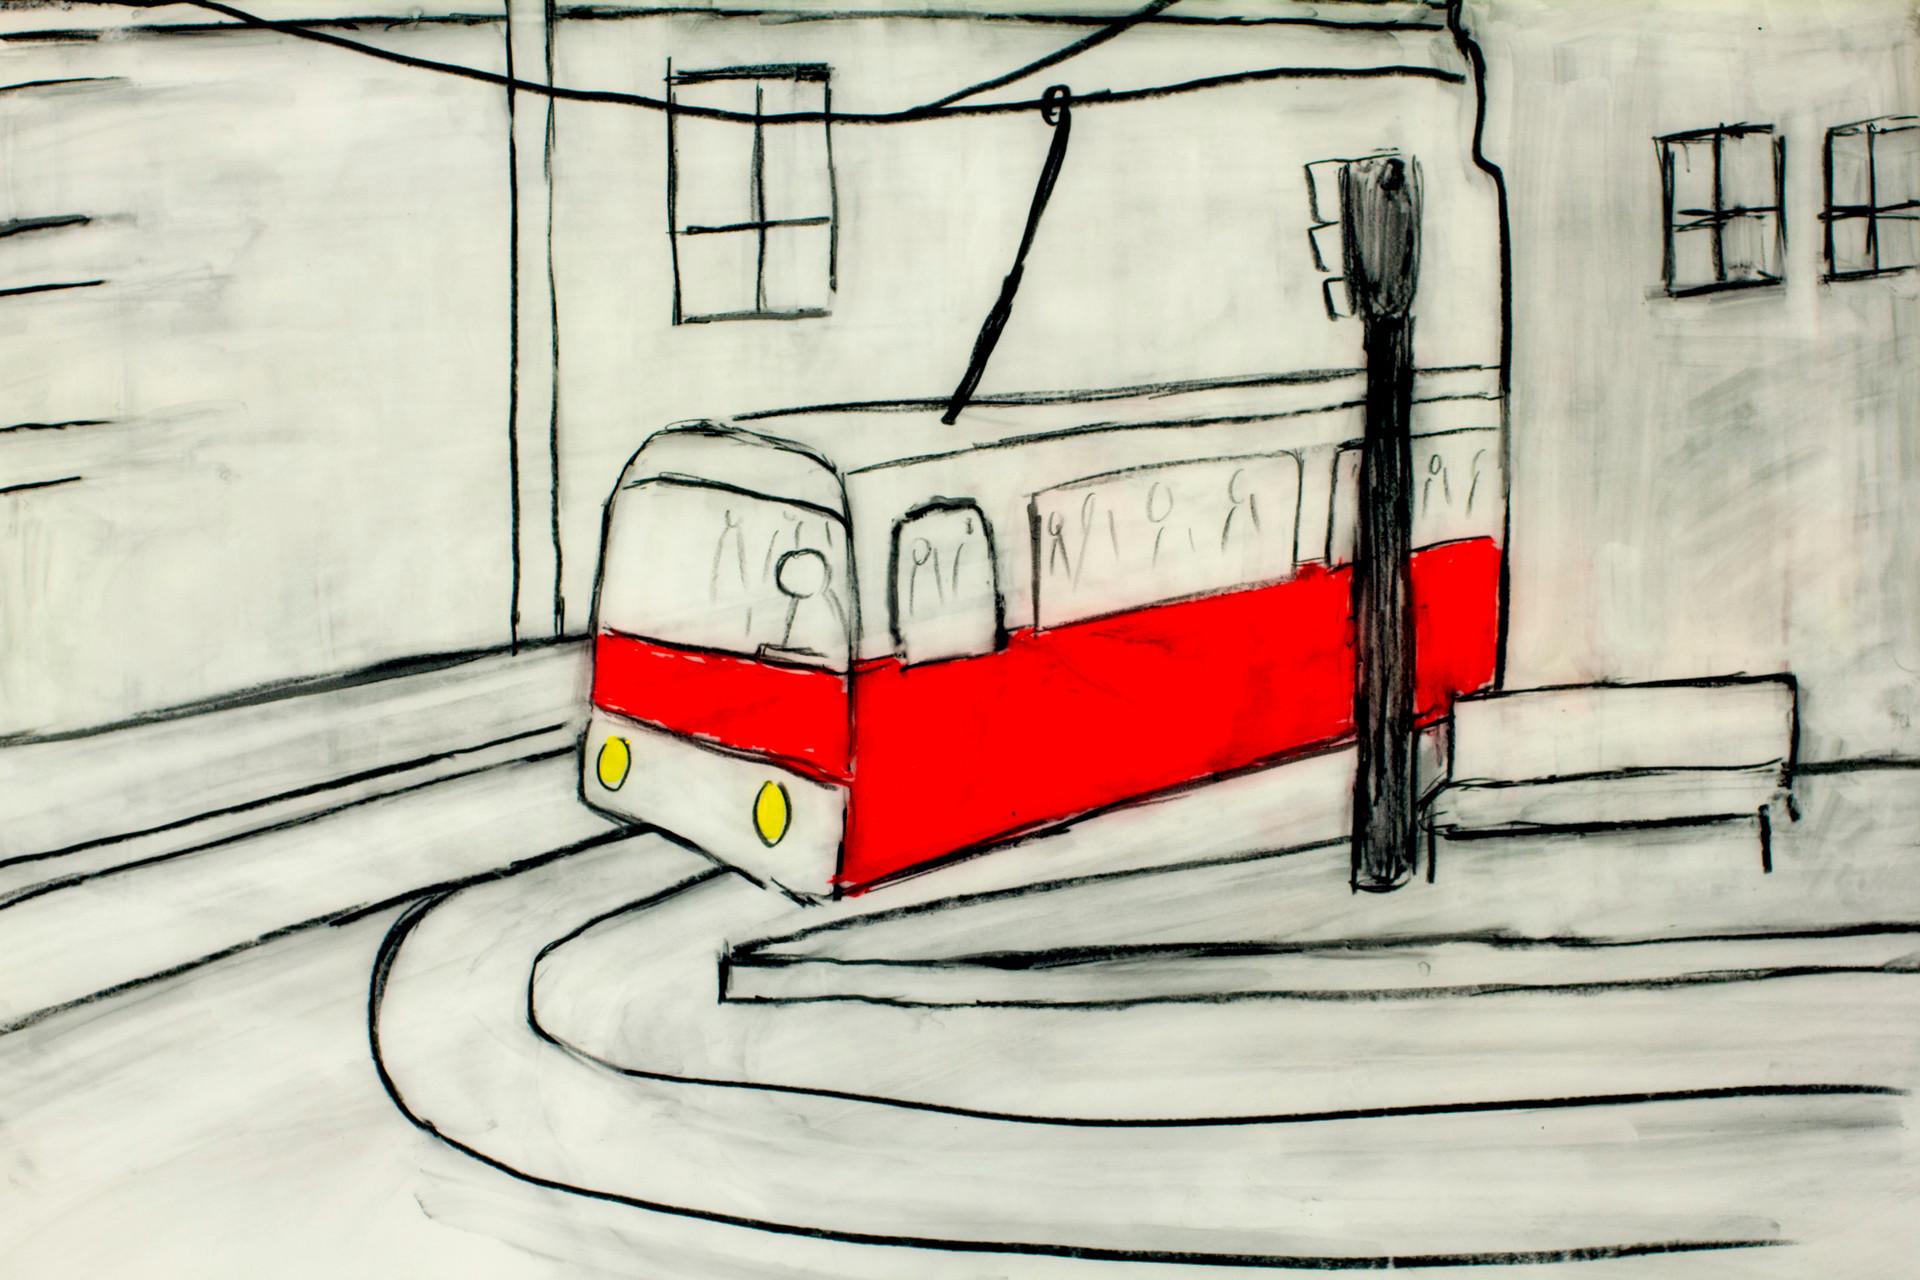 Streetcar_watercolour_crayon